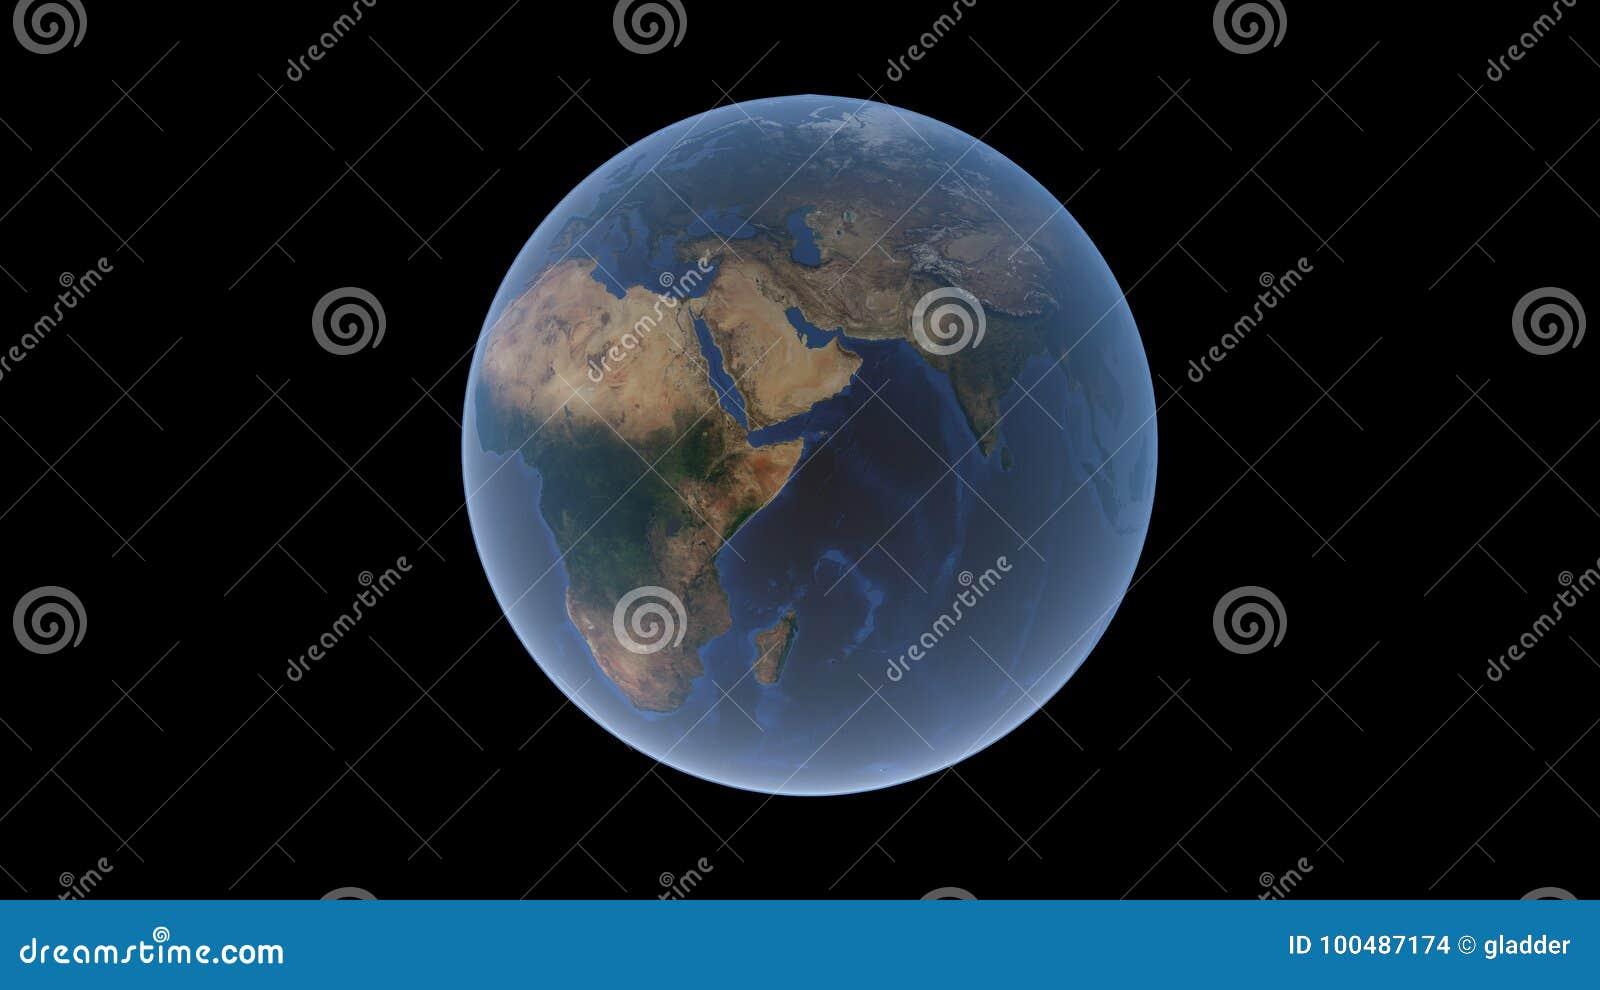 Afryka i Eurasia na piłce ziemia półwysep arabski w centrum, odosobniona kula ziemska, 3D rendering